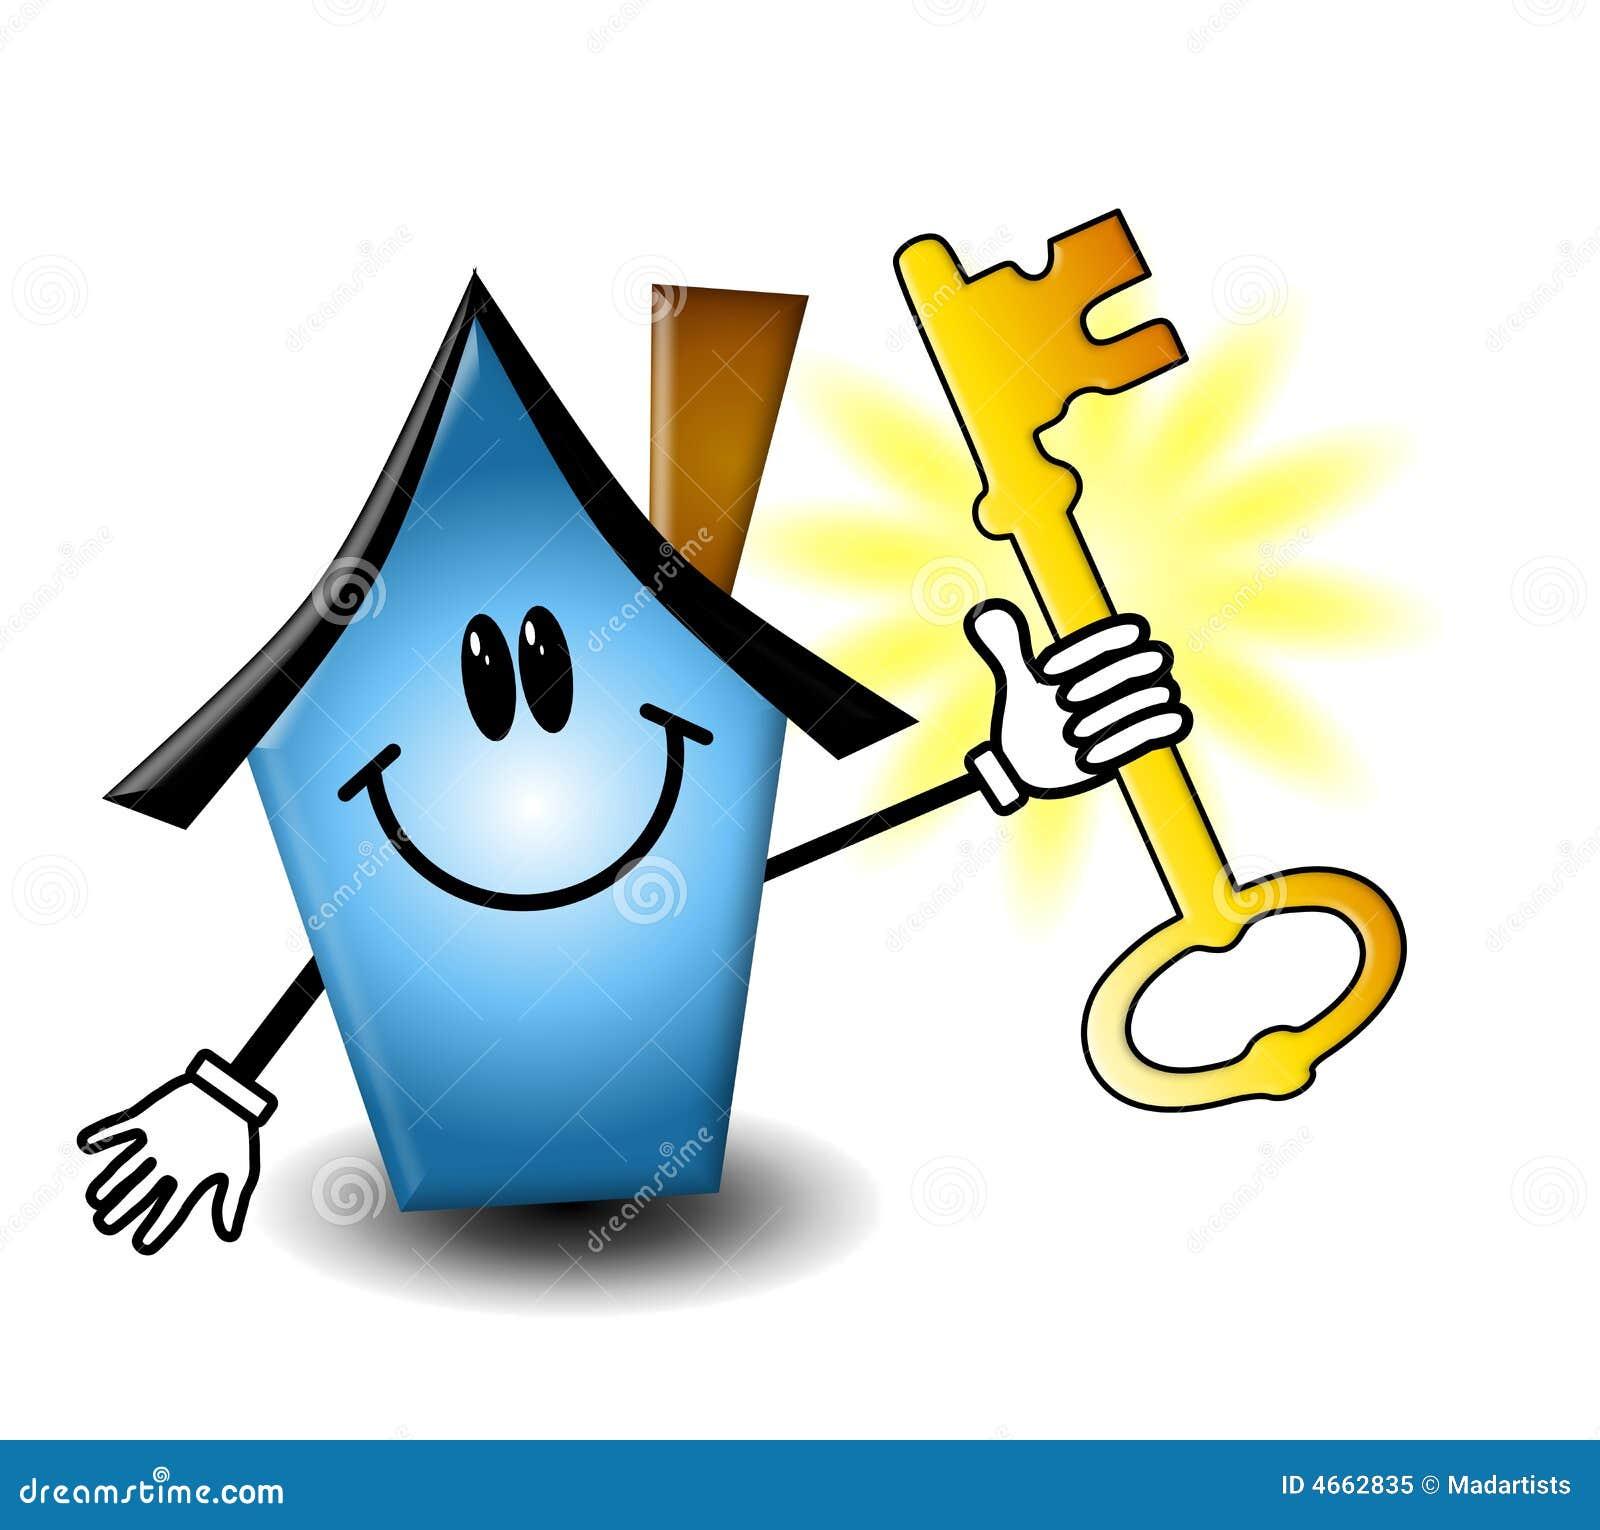 Une illustration comportant une maison bleue de dessin animé retenant une clé dor pour représenter les immeubles et le propriétaire de logement